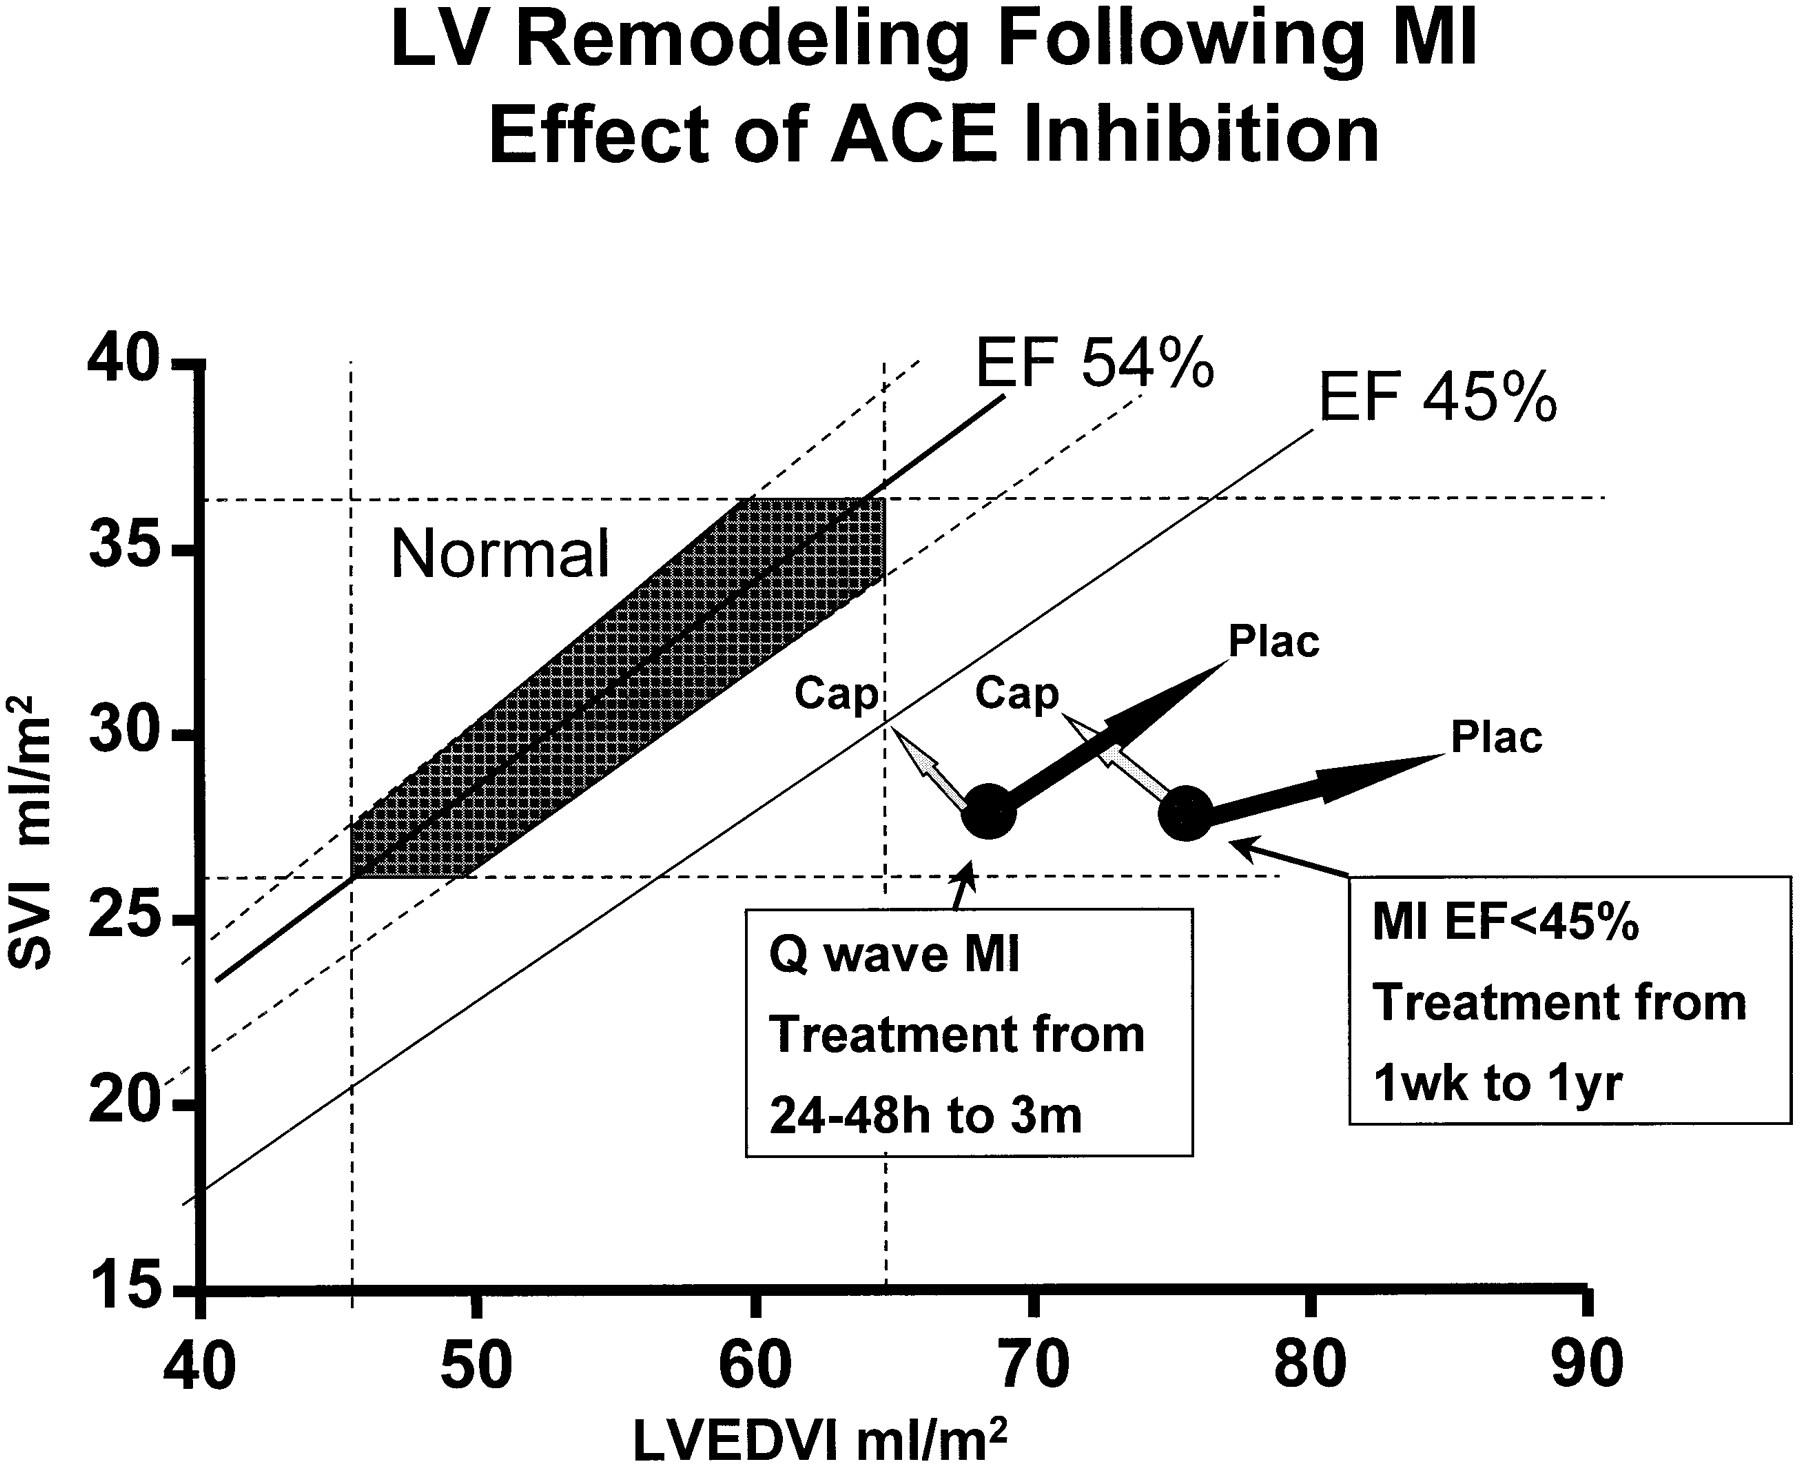 Left Ventricular Remodeling After Myocardial Infarction